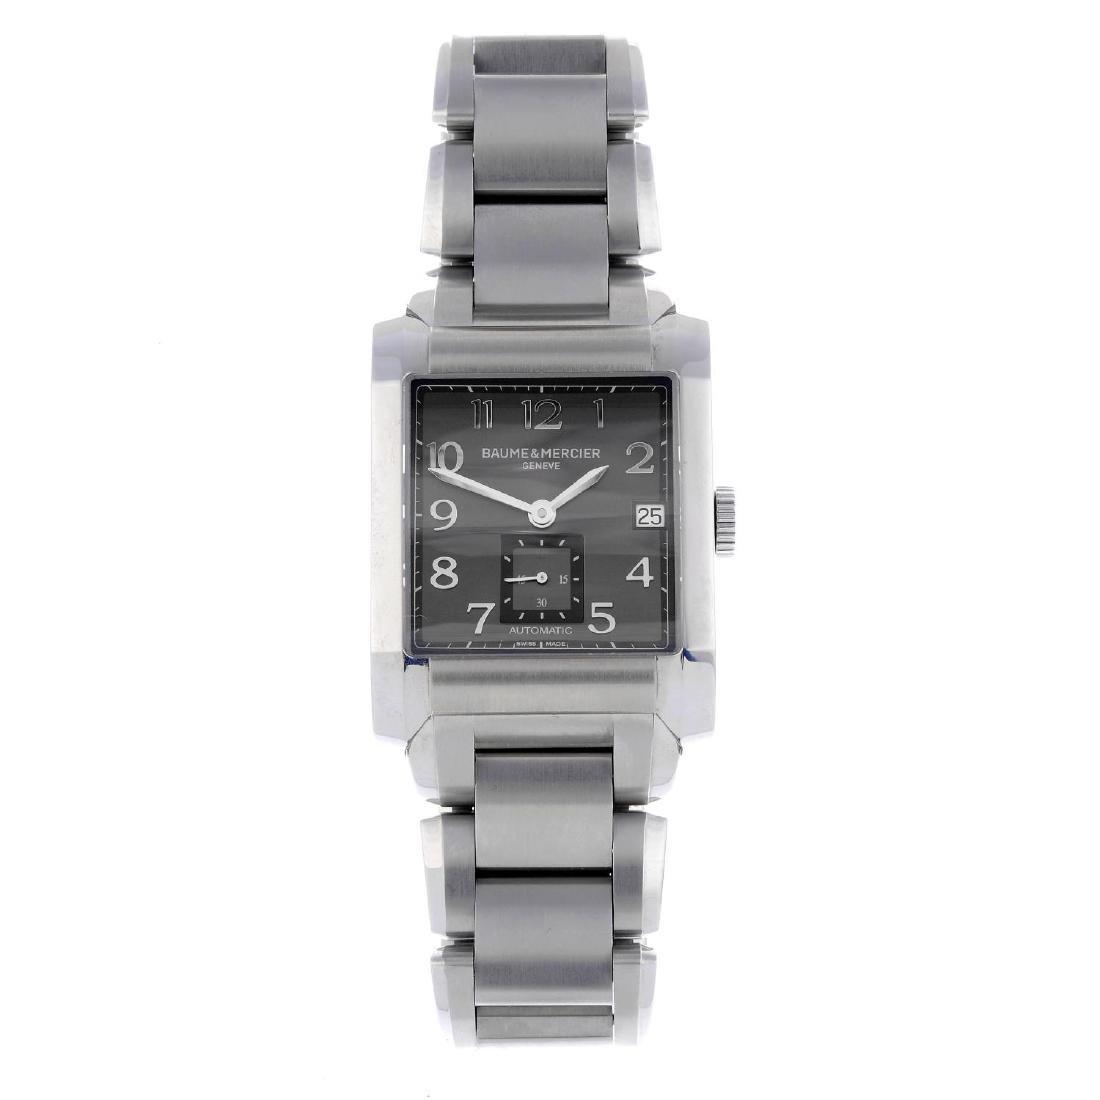 BAUME & MERCIER - a gentleman's Hampton bracelet watch.